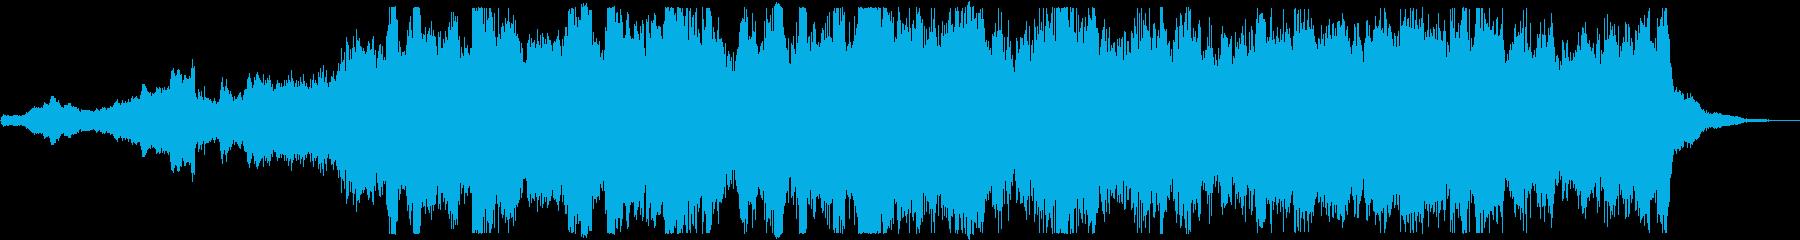 しっとり切ないファンタジーなオーケストラの再生済みの波形